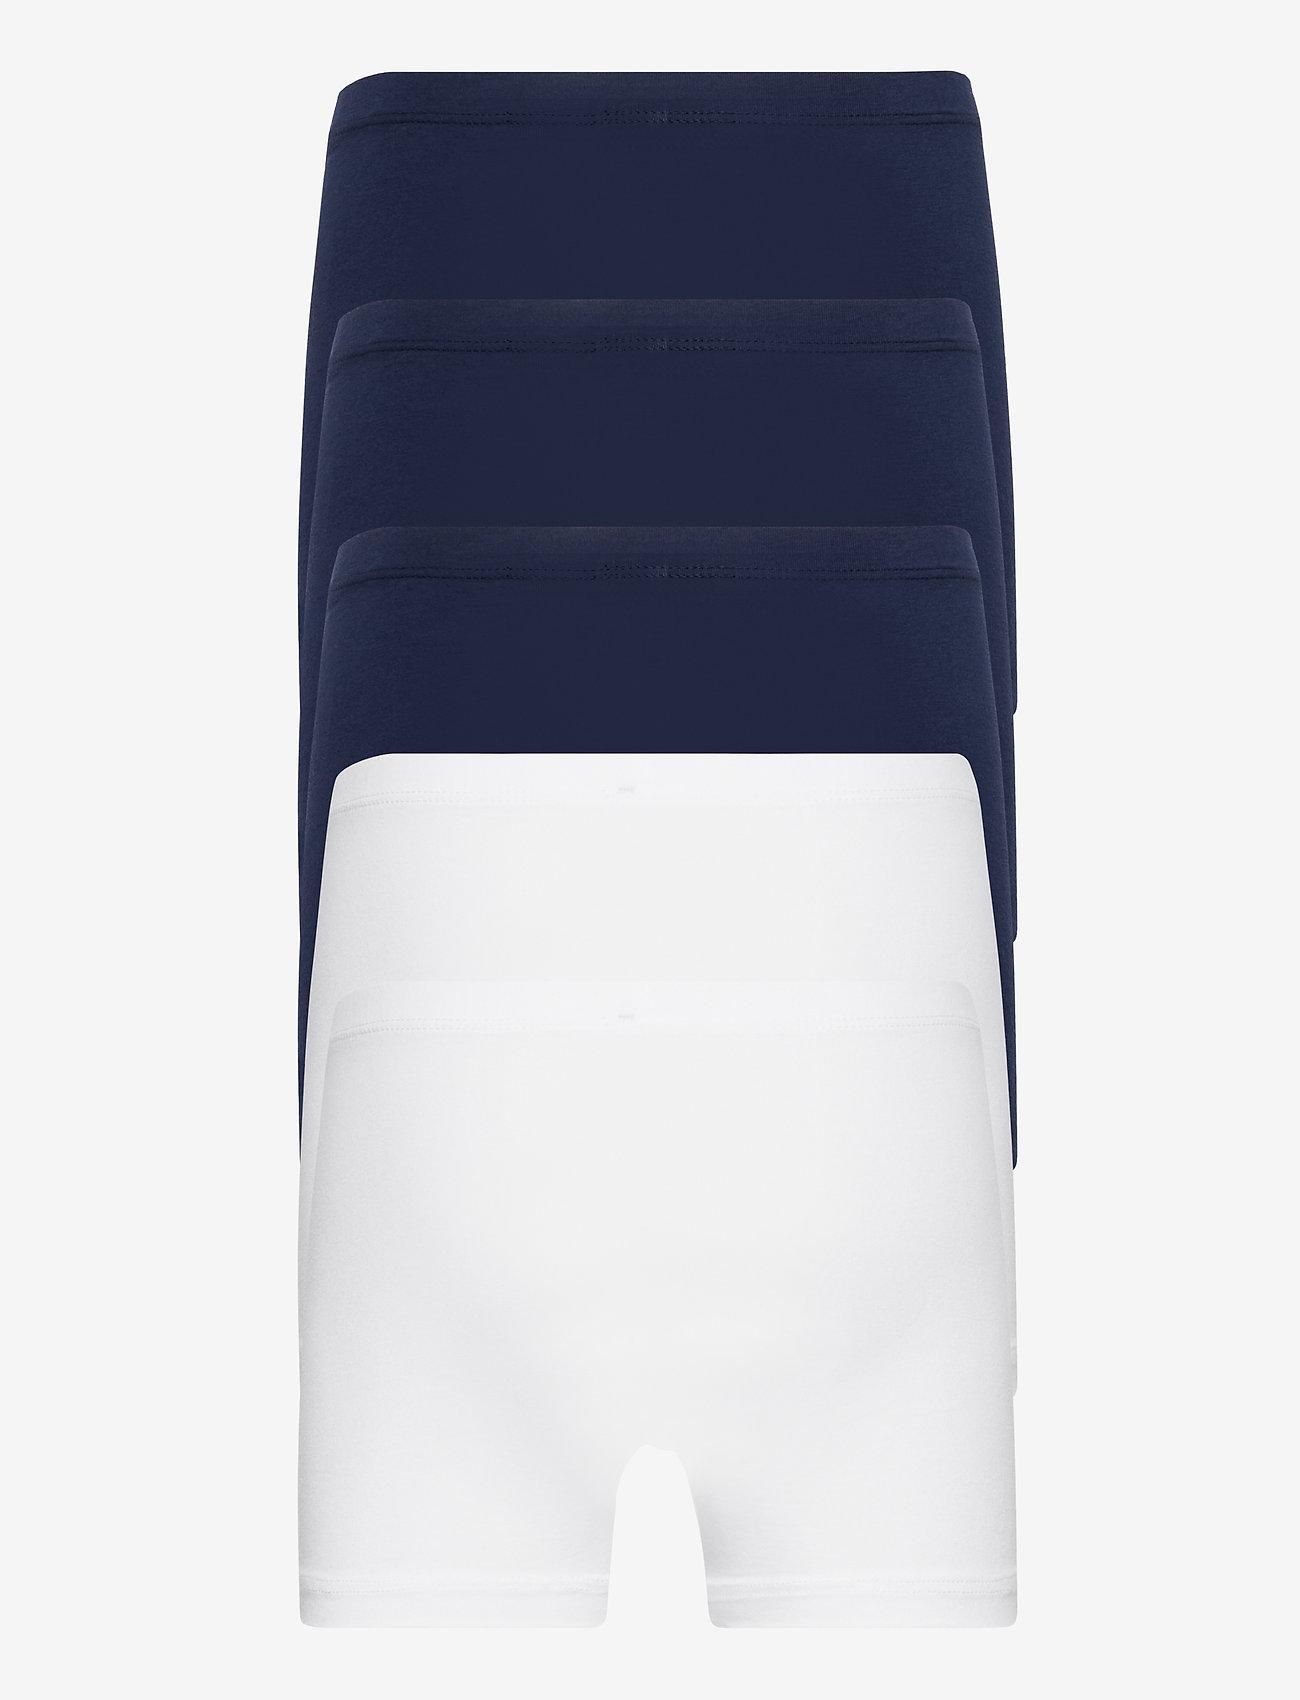 Schiesser - Shorts - unterteile - assorted 3 - 1